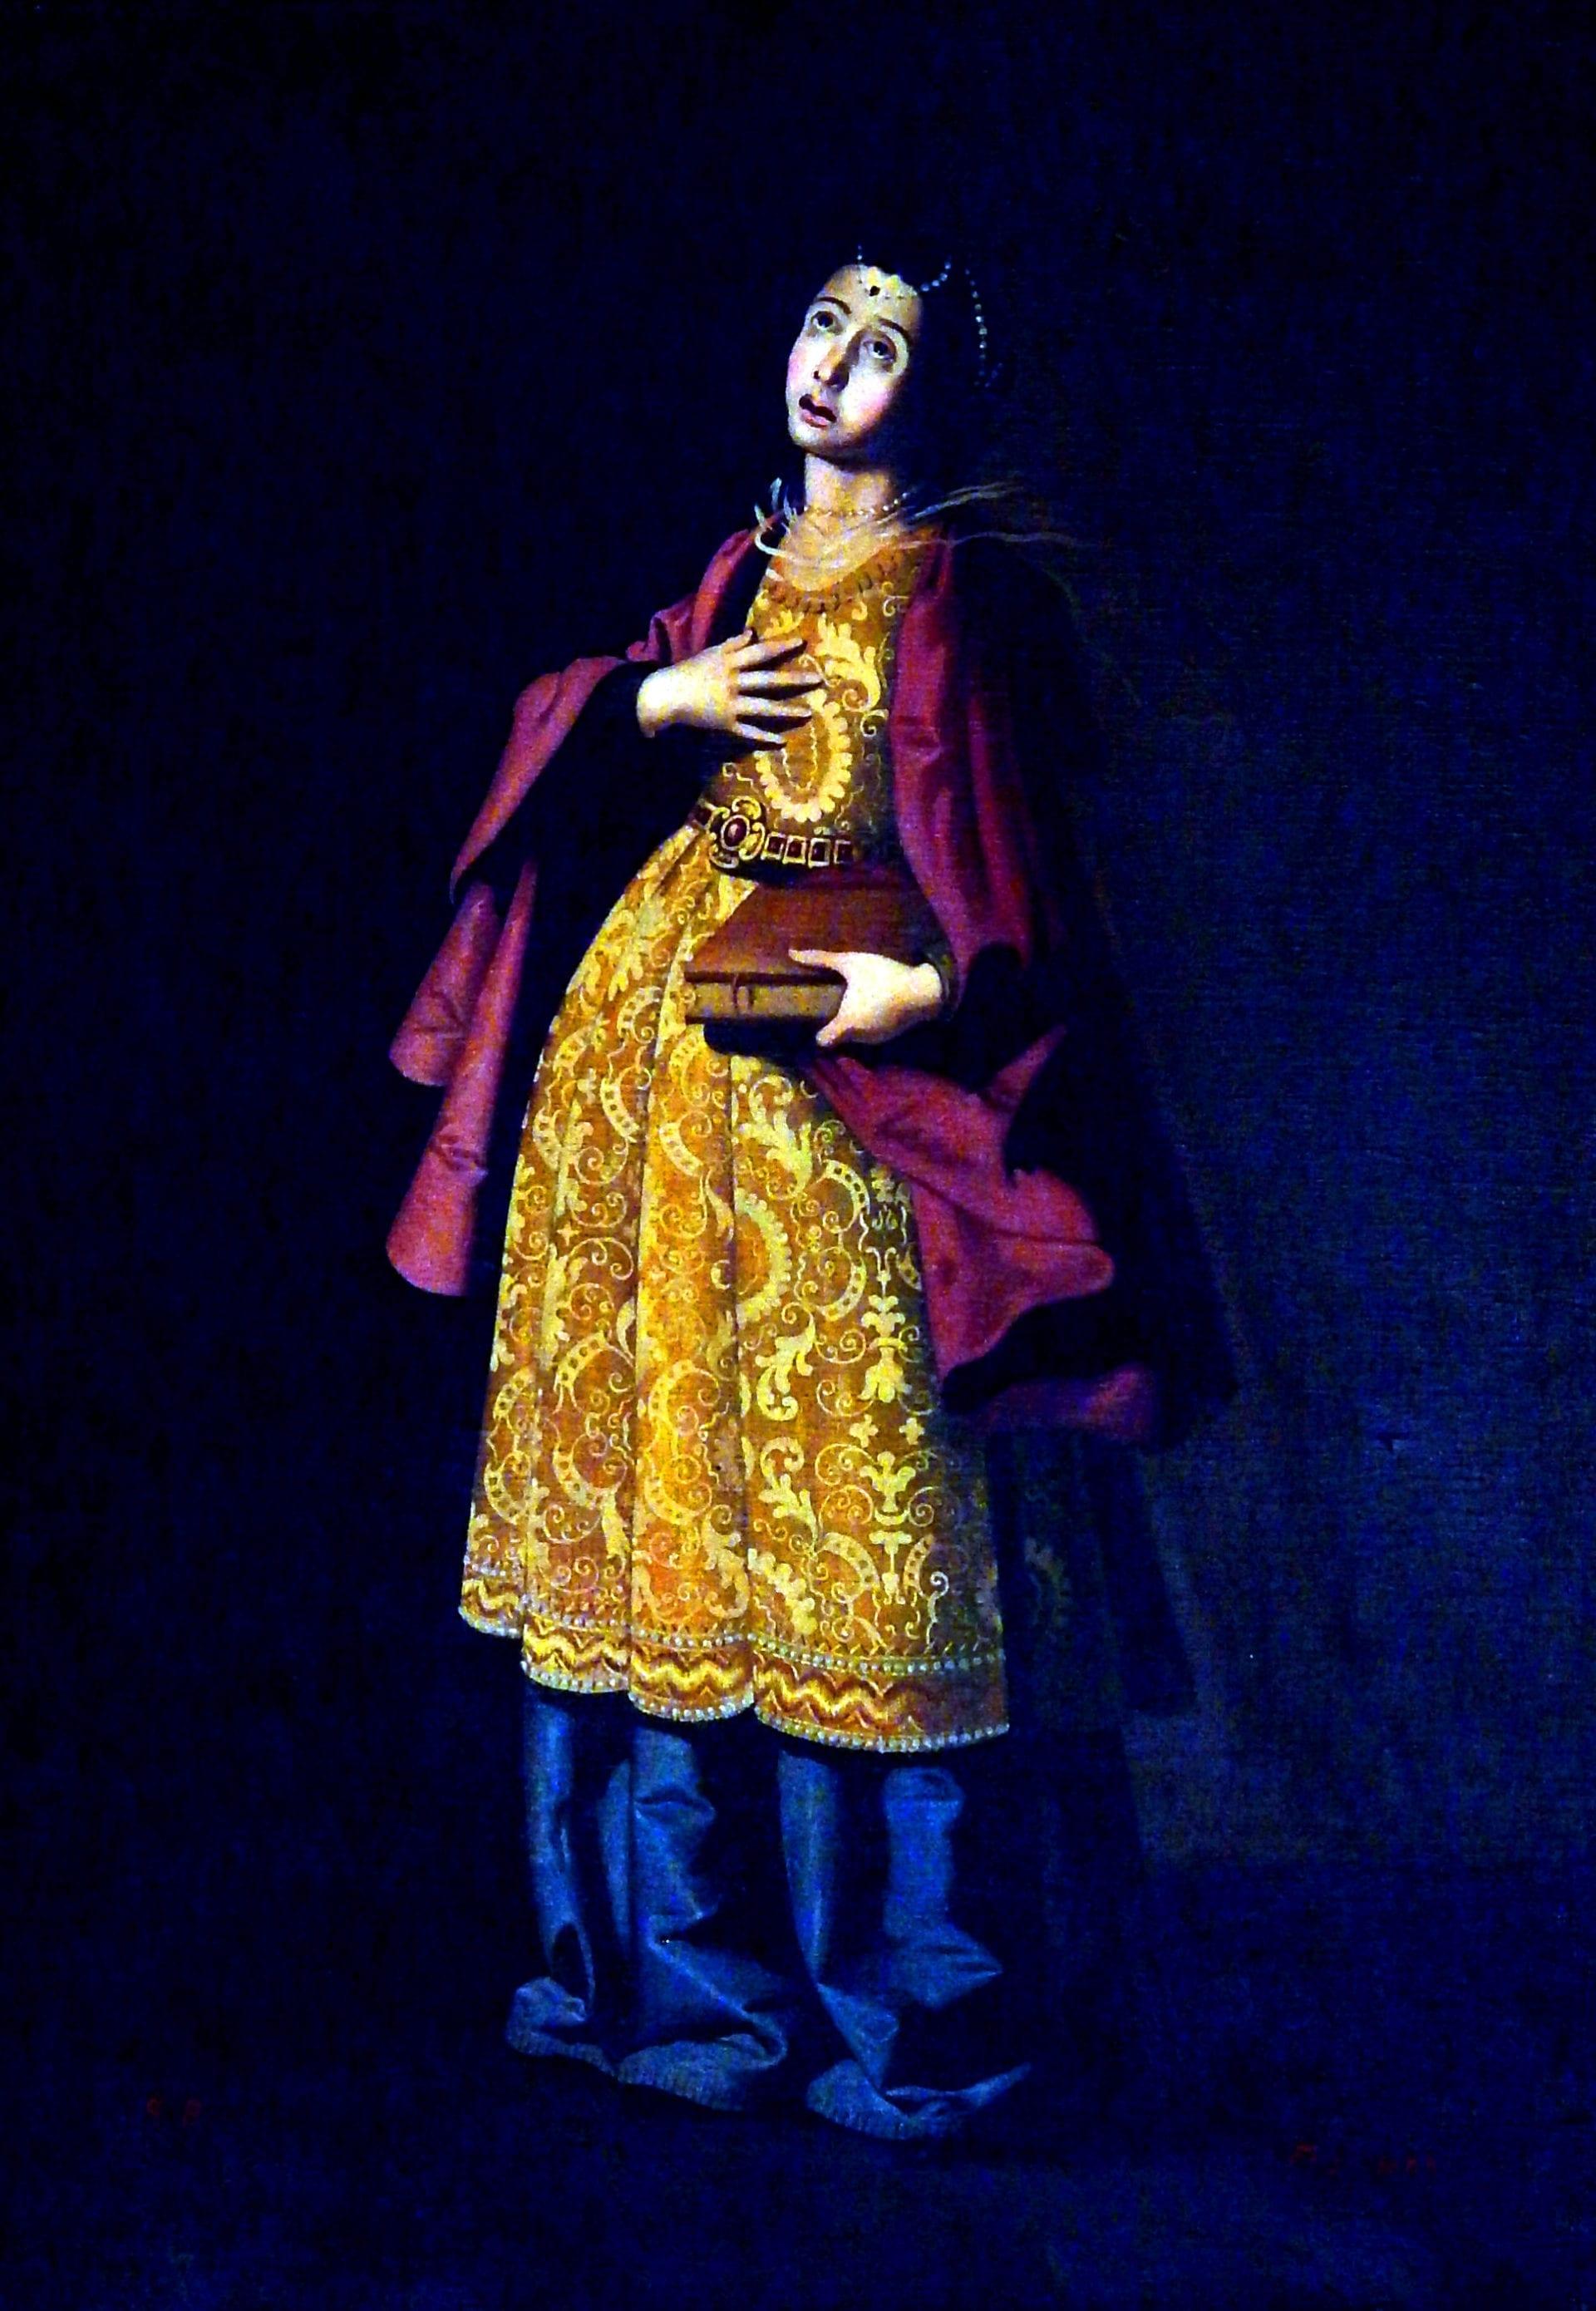 Jose de Zamora painting